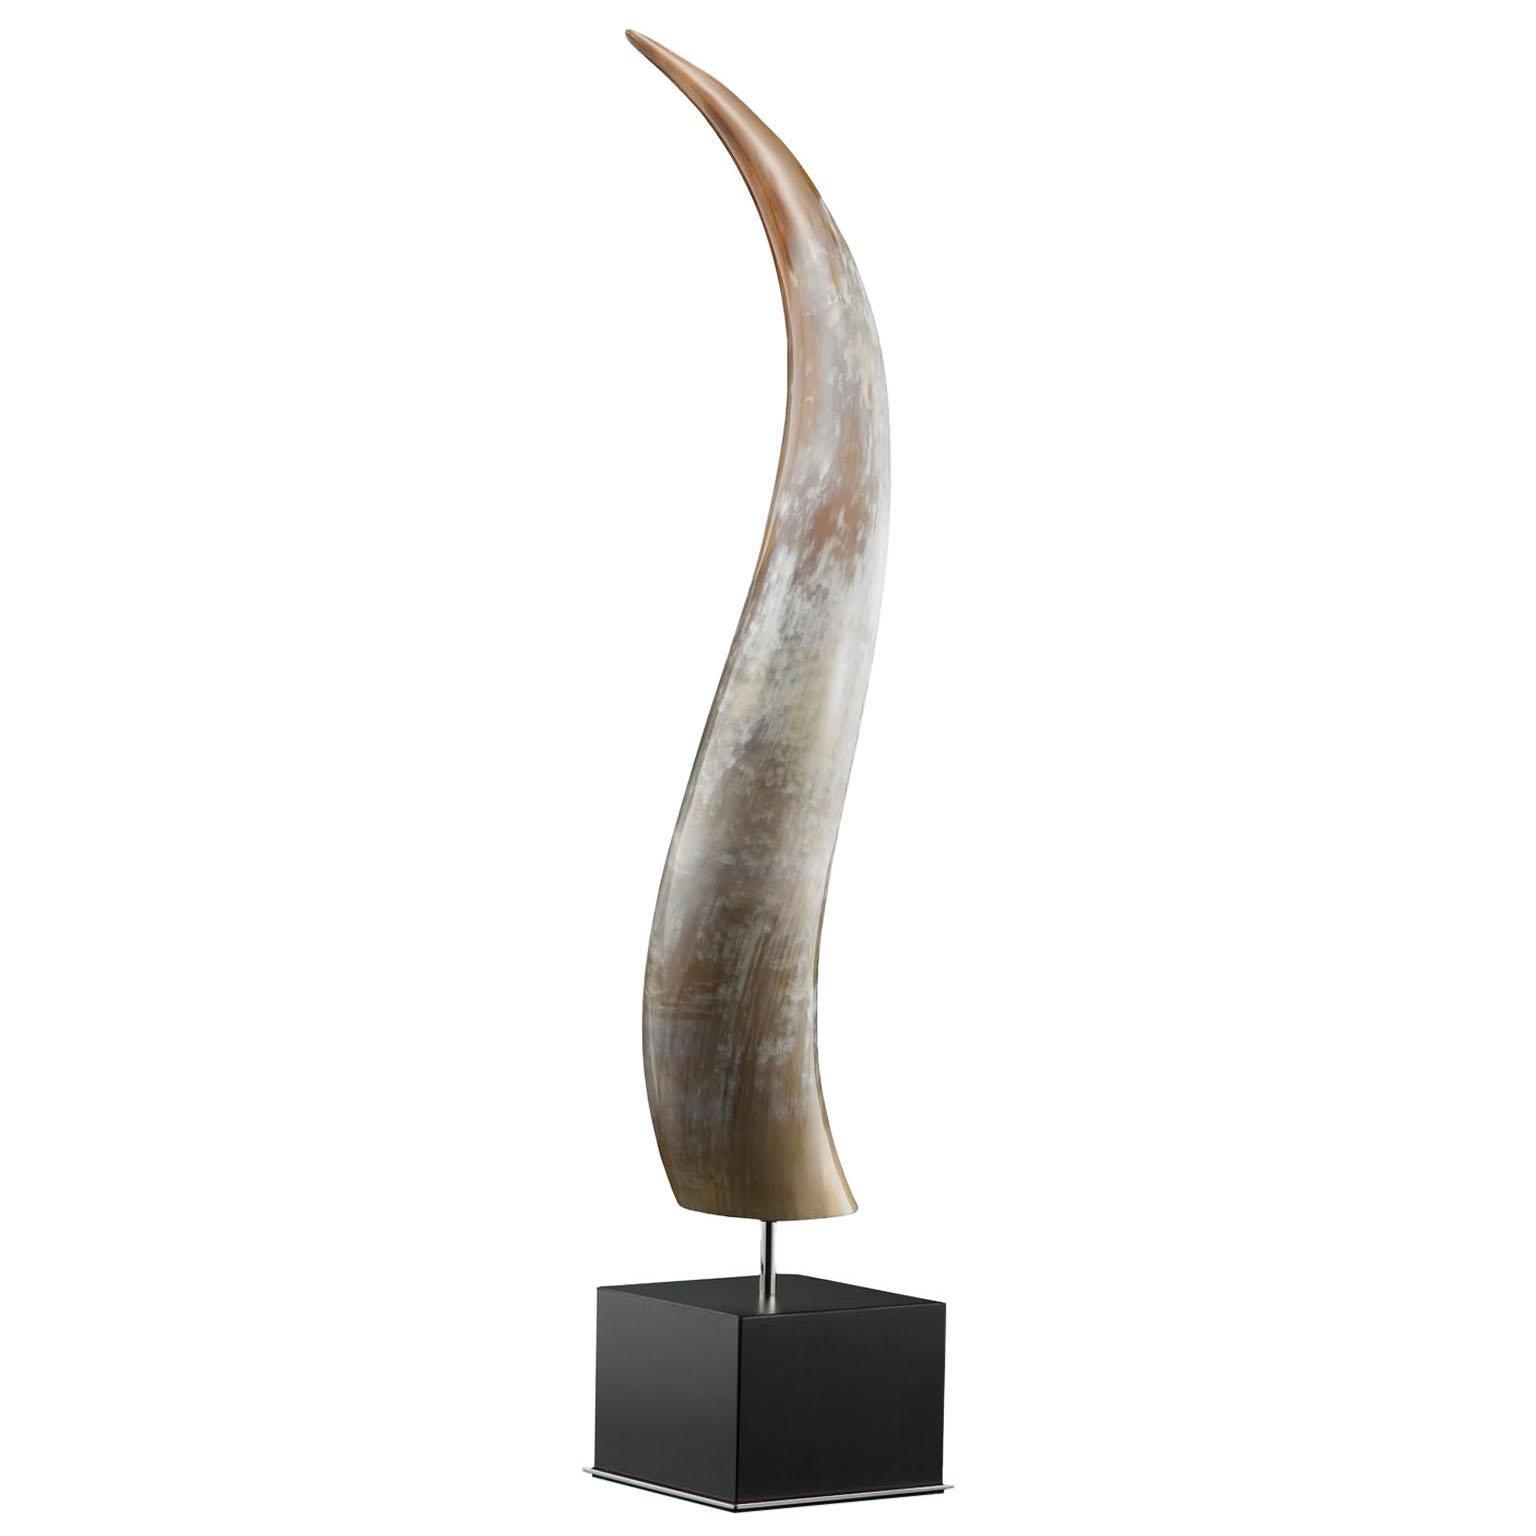 Leuca Sculpture in Corno Italiano, Black Lacquer and Chromed Brass, Mod. 1600